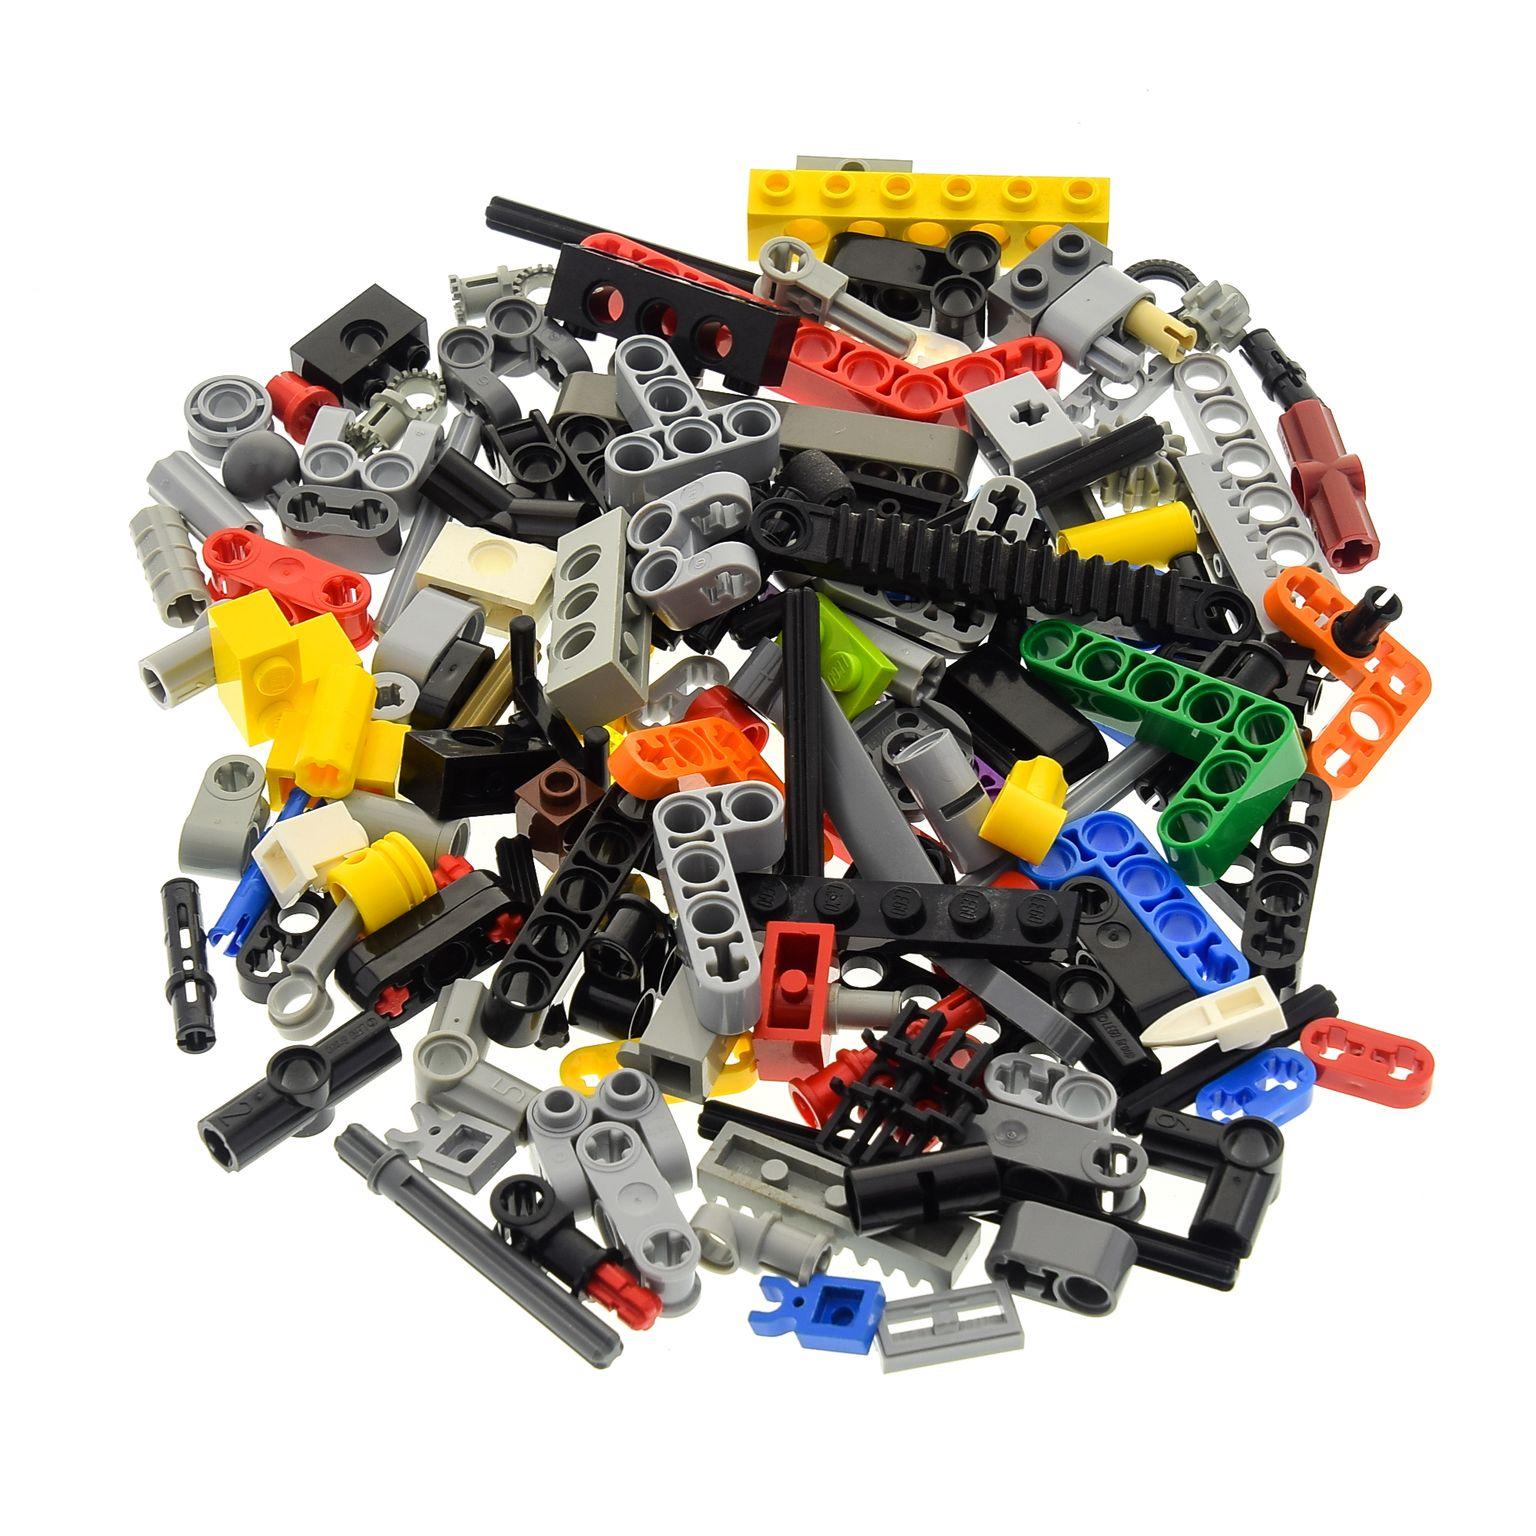 200 LEGO® Technik Kleinteile wie z.B Pins Technic Stecker Verbinder usw